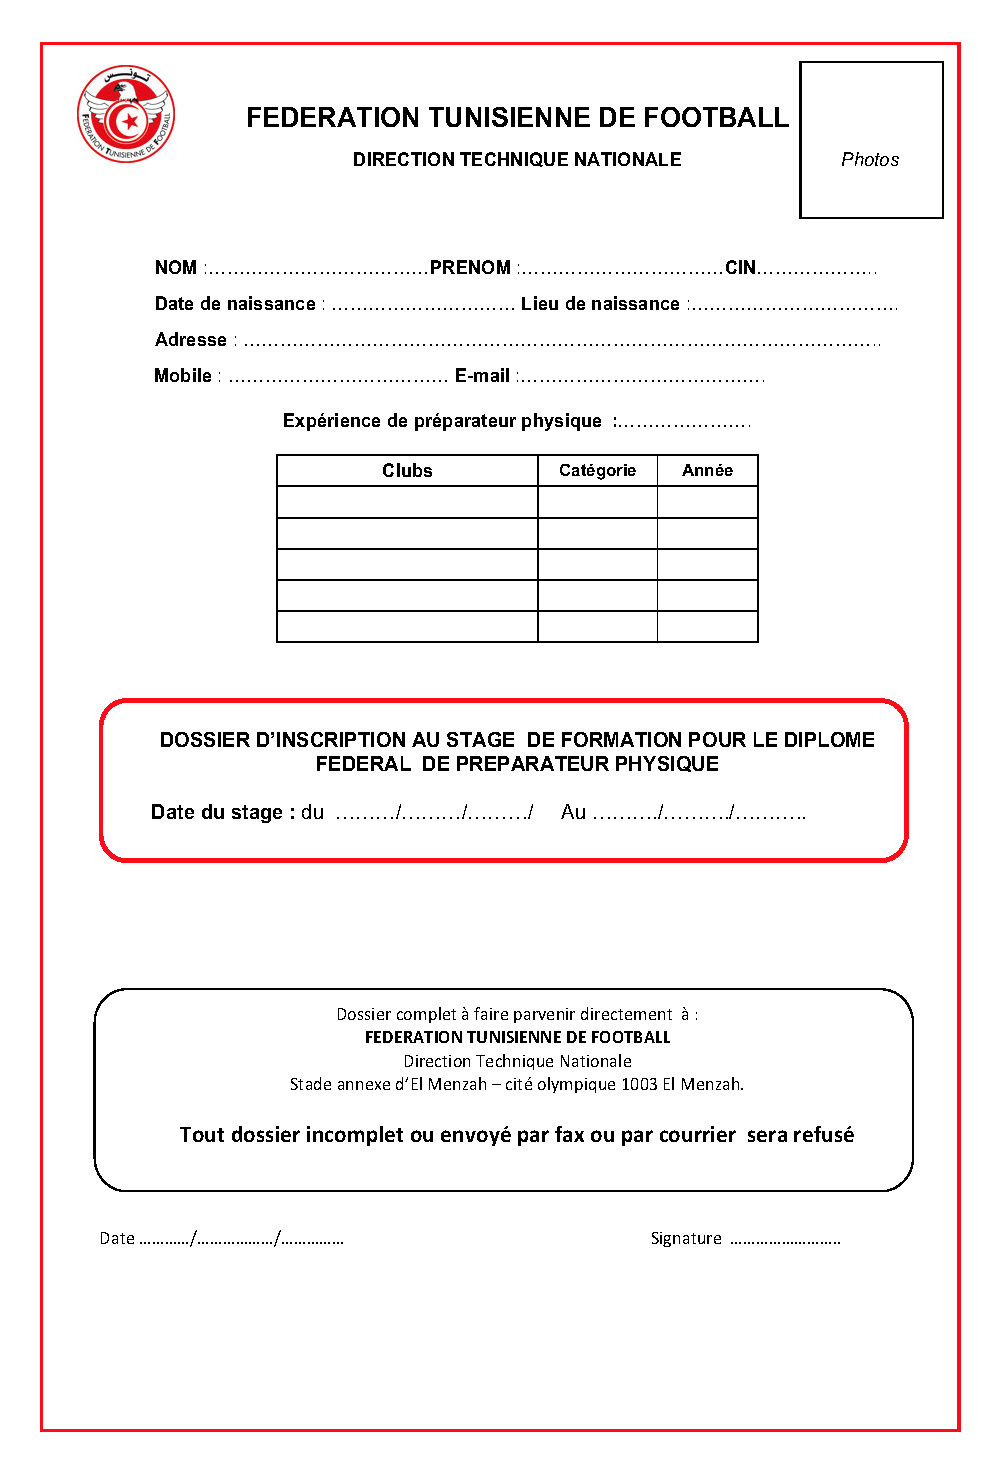 Preparateur physique-Inscription